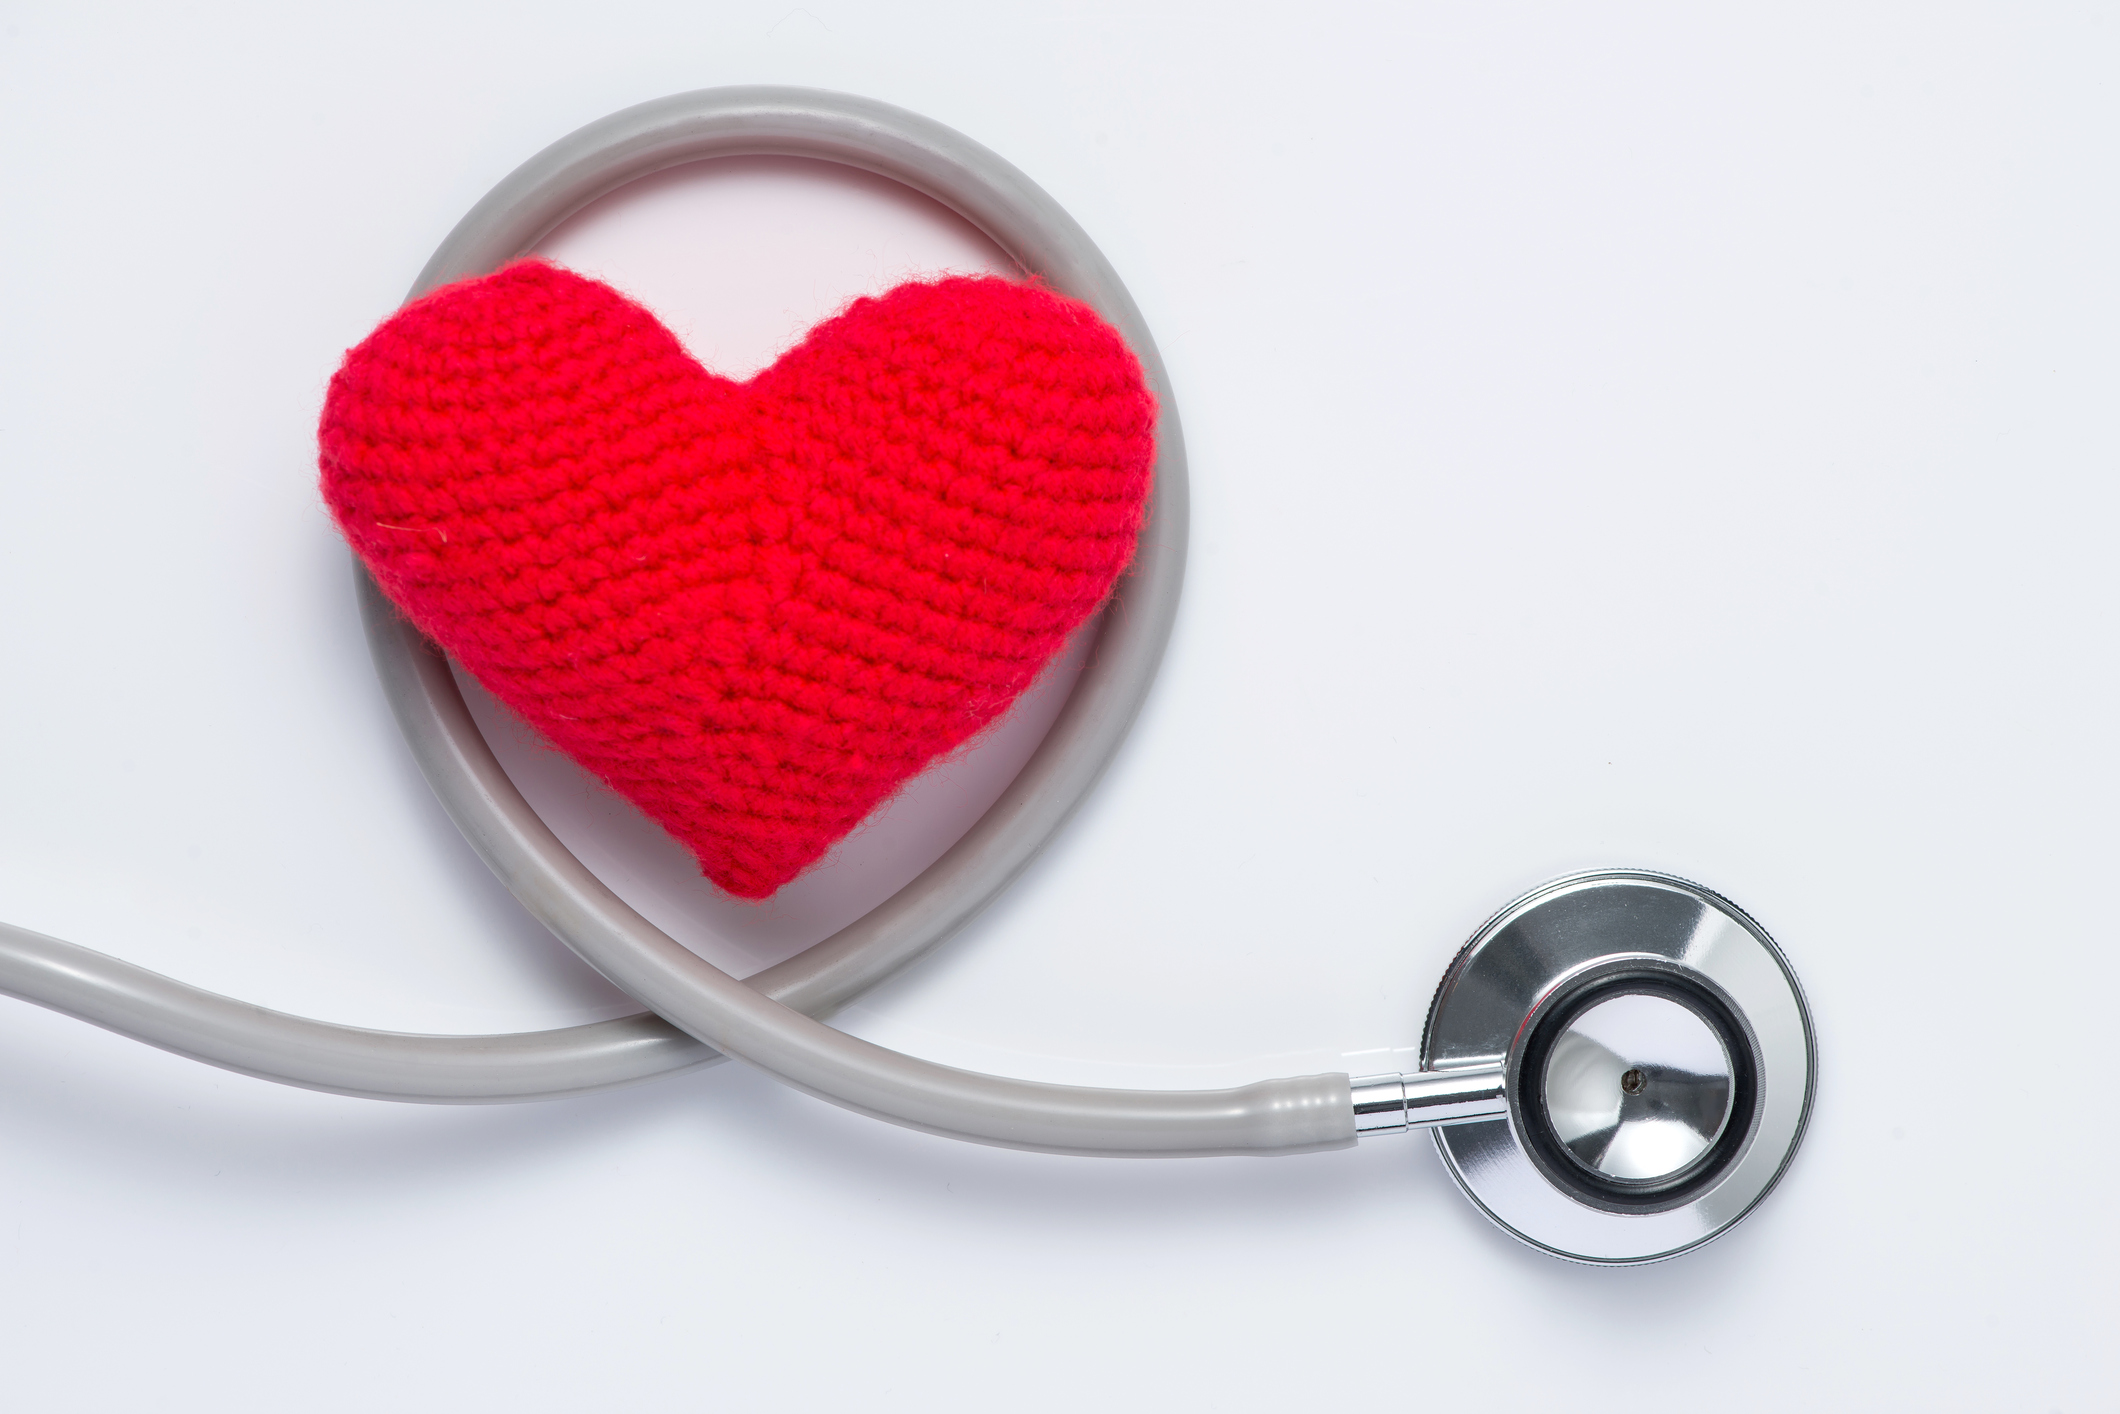 L'infarto asintomatico è più frequente tra le donne, e può essere fatale